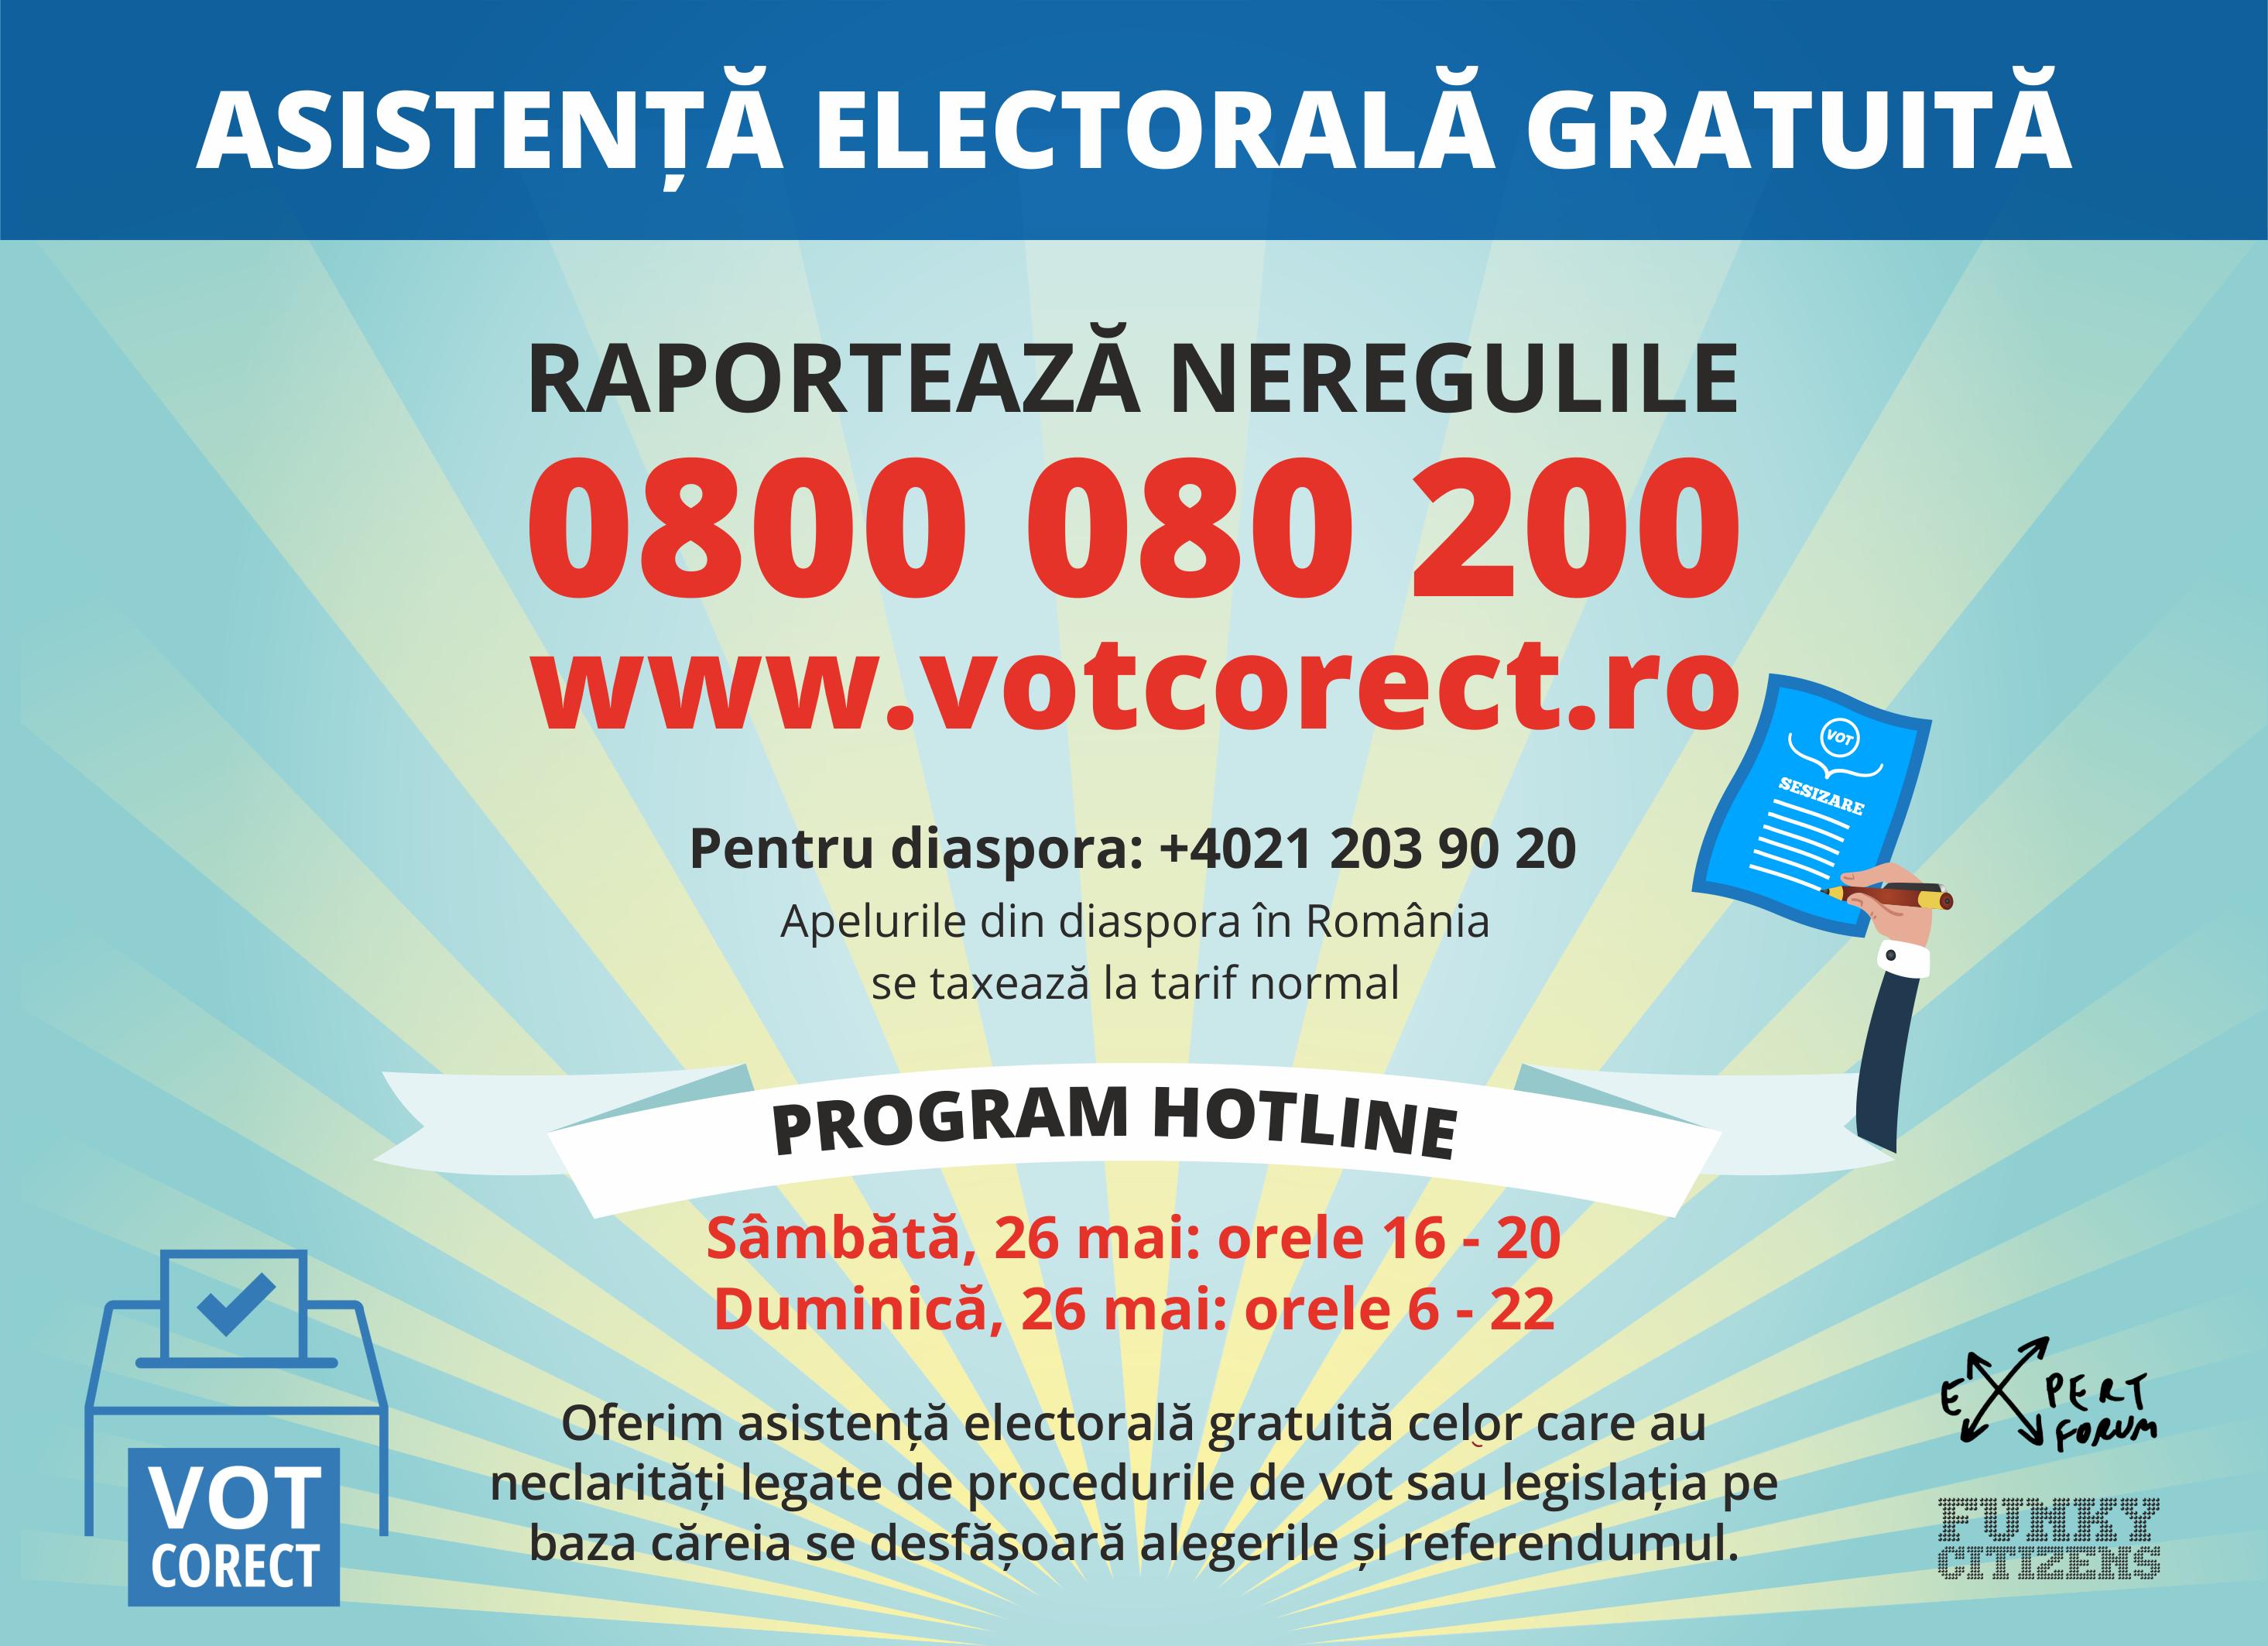 Centru de informare și asistență pentru alegerile europarlamentare și referendum